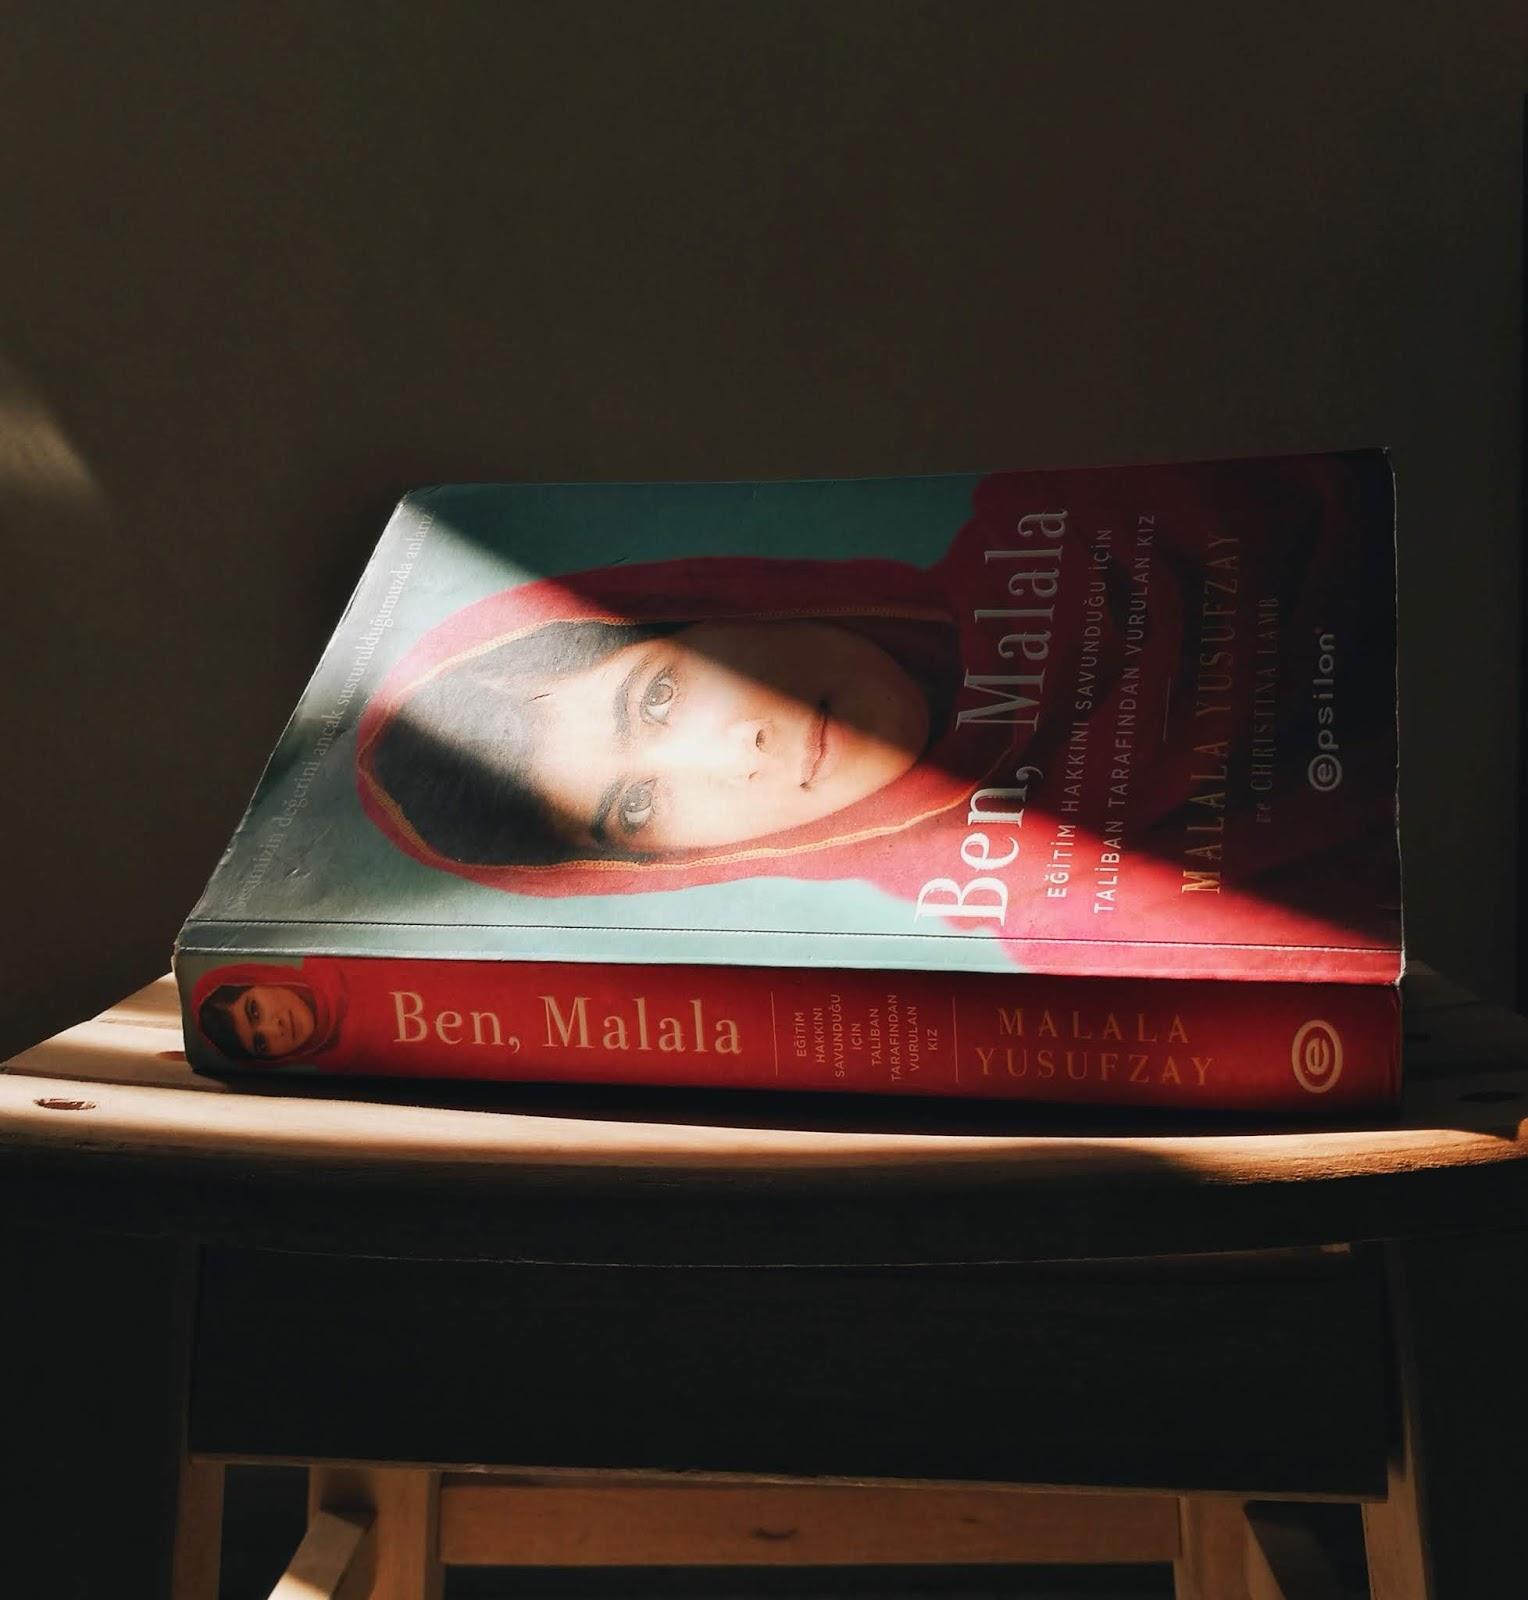 Ben Malala Kitap Yorumu, Taliban Tarafından Vurulan Kız